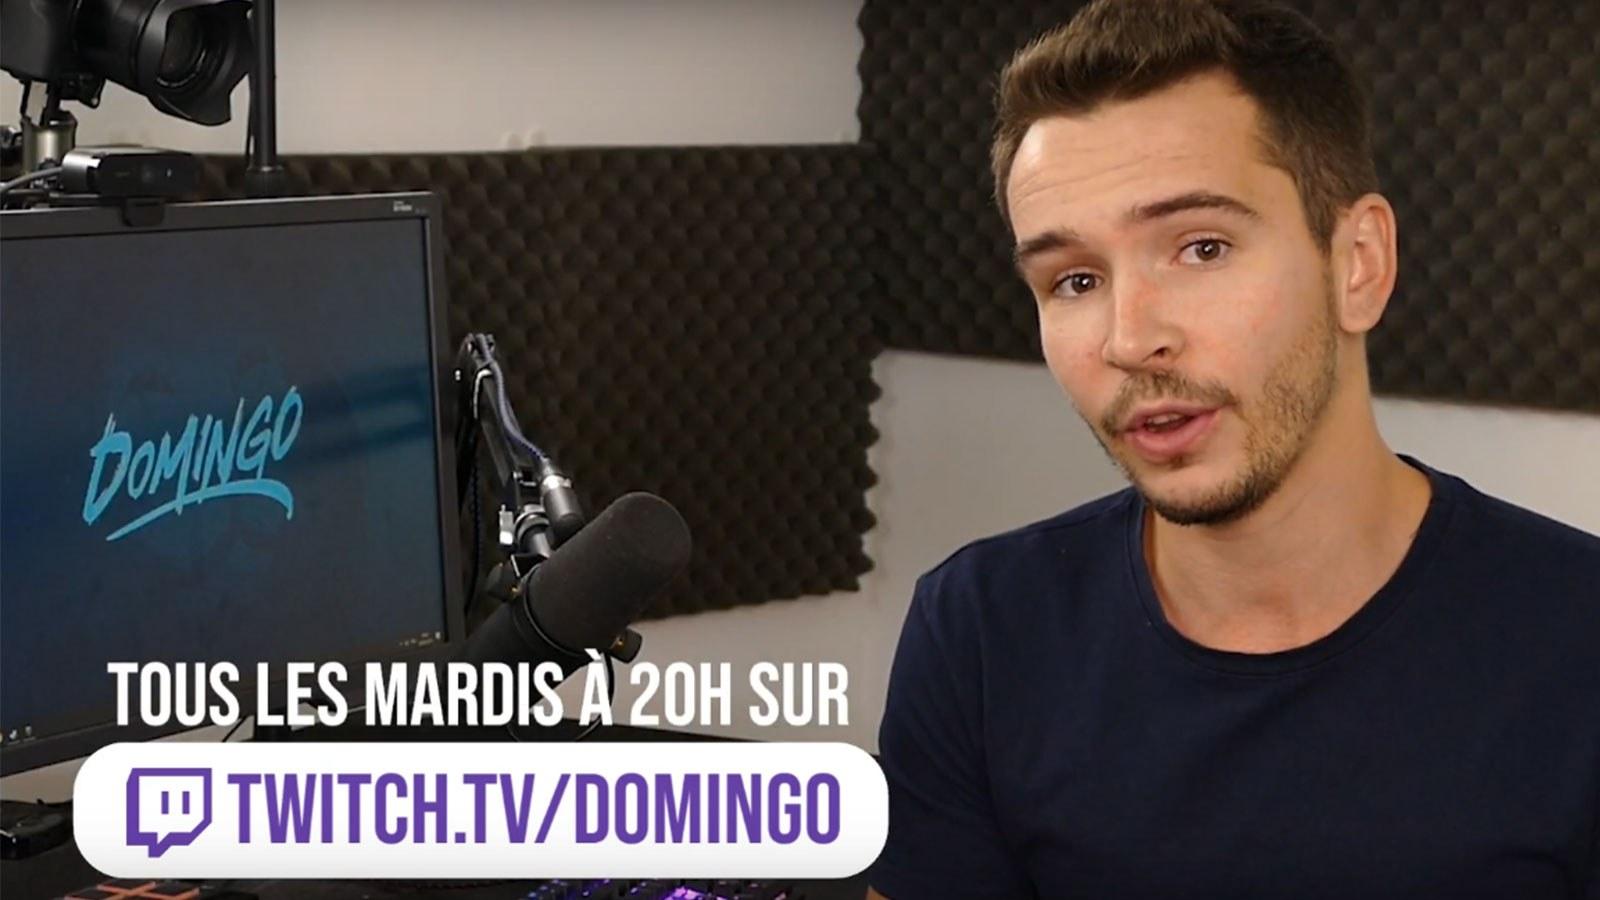 Domingo / youtube